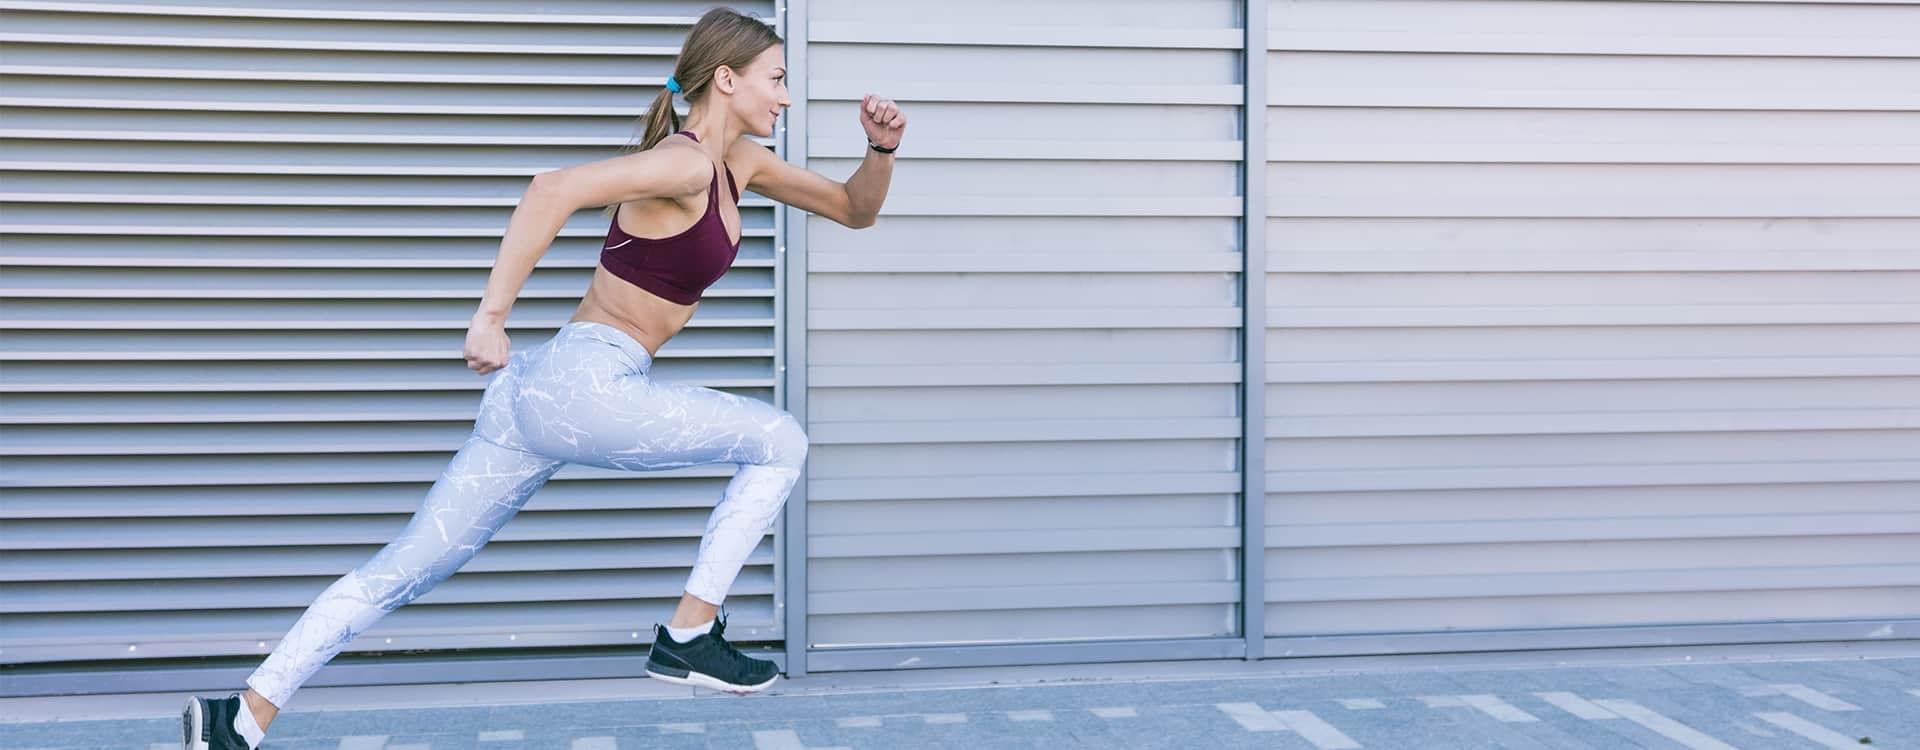 ¿Qué le pasa a tu cuerpo después de correr 30 minutos?